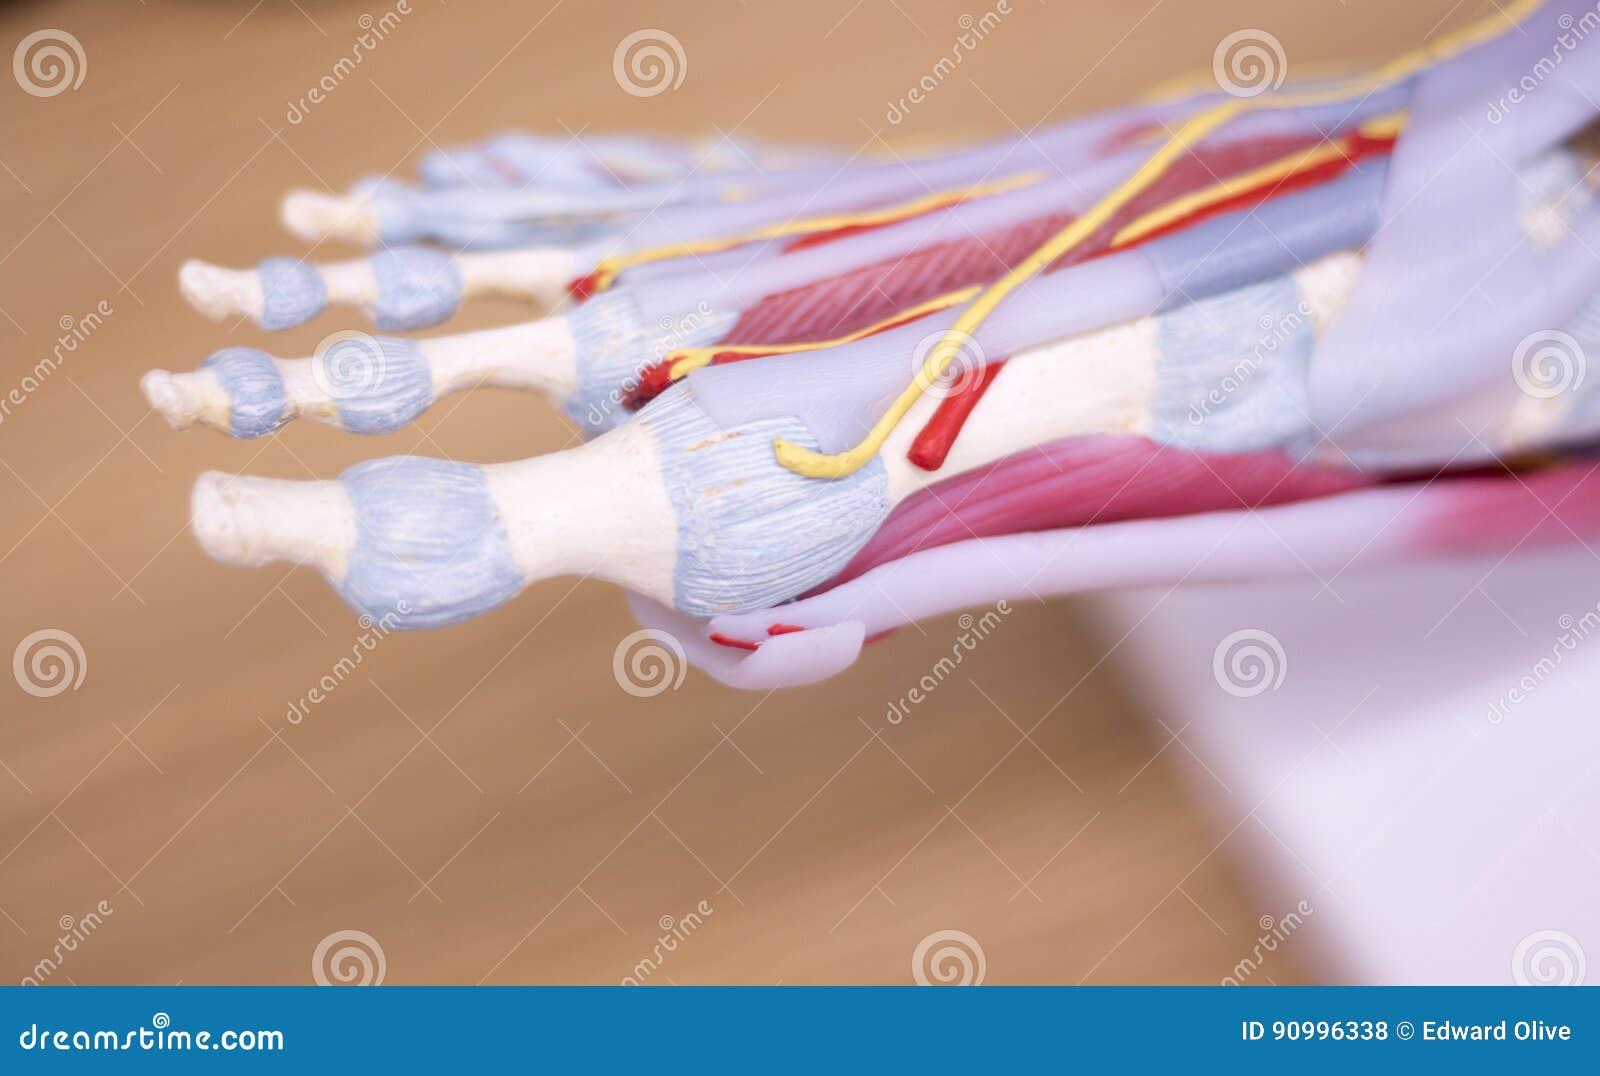 Foot medical anatomy model stock photo. Image of phalange - 90996338